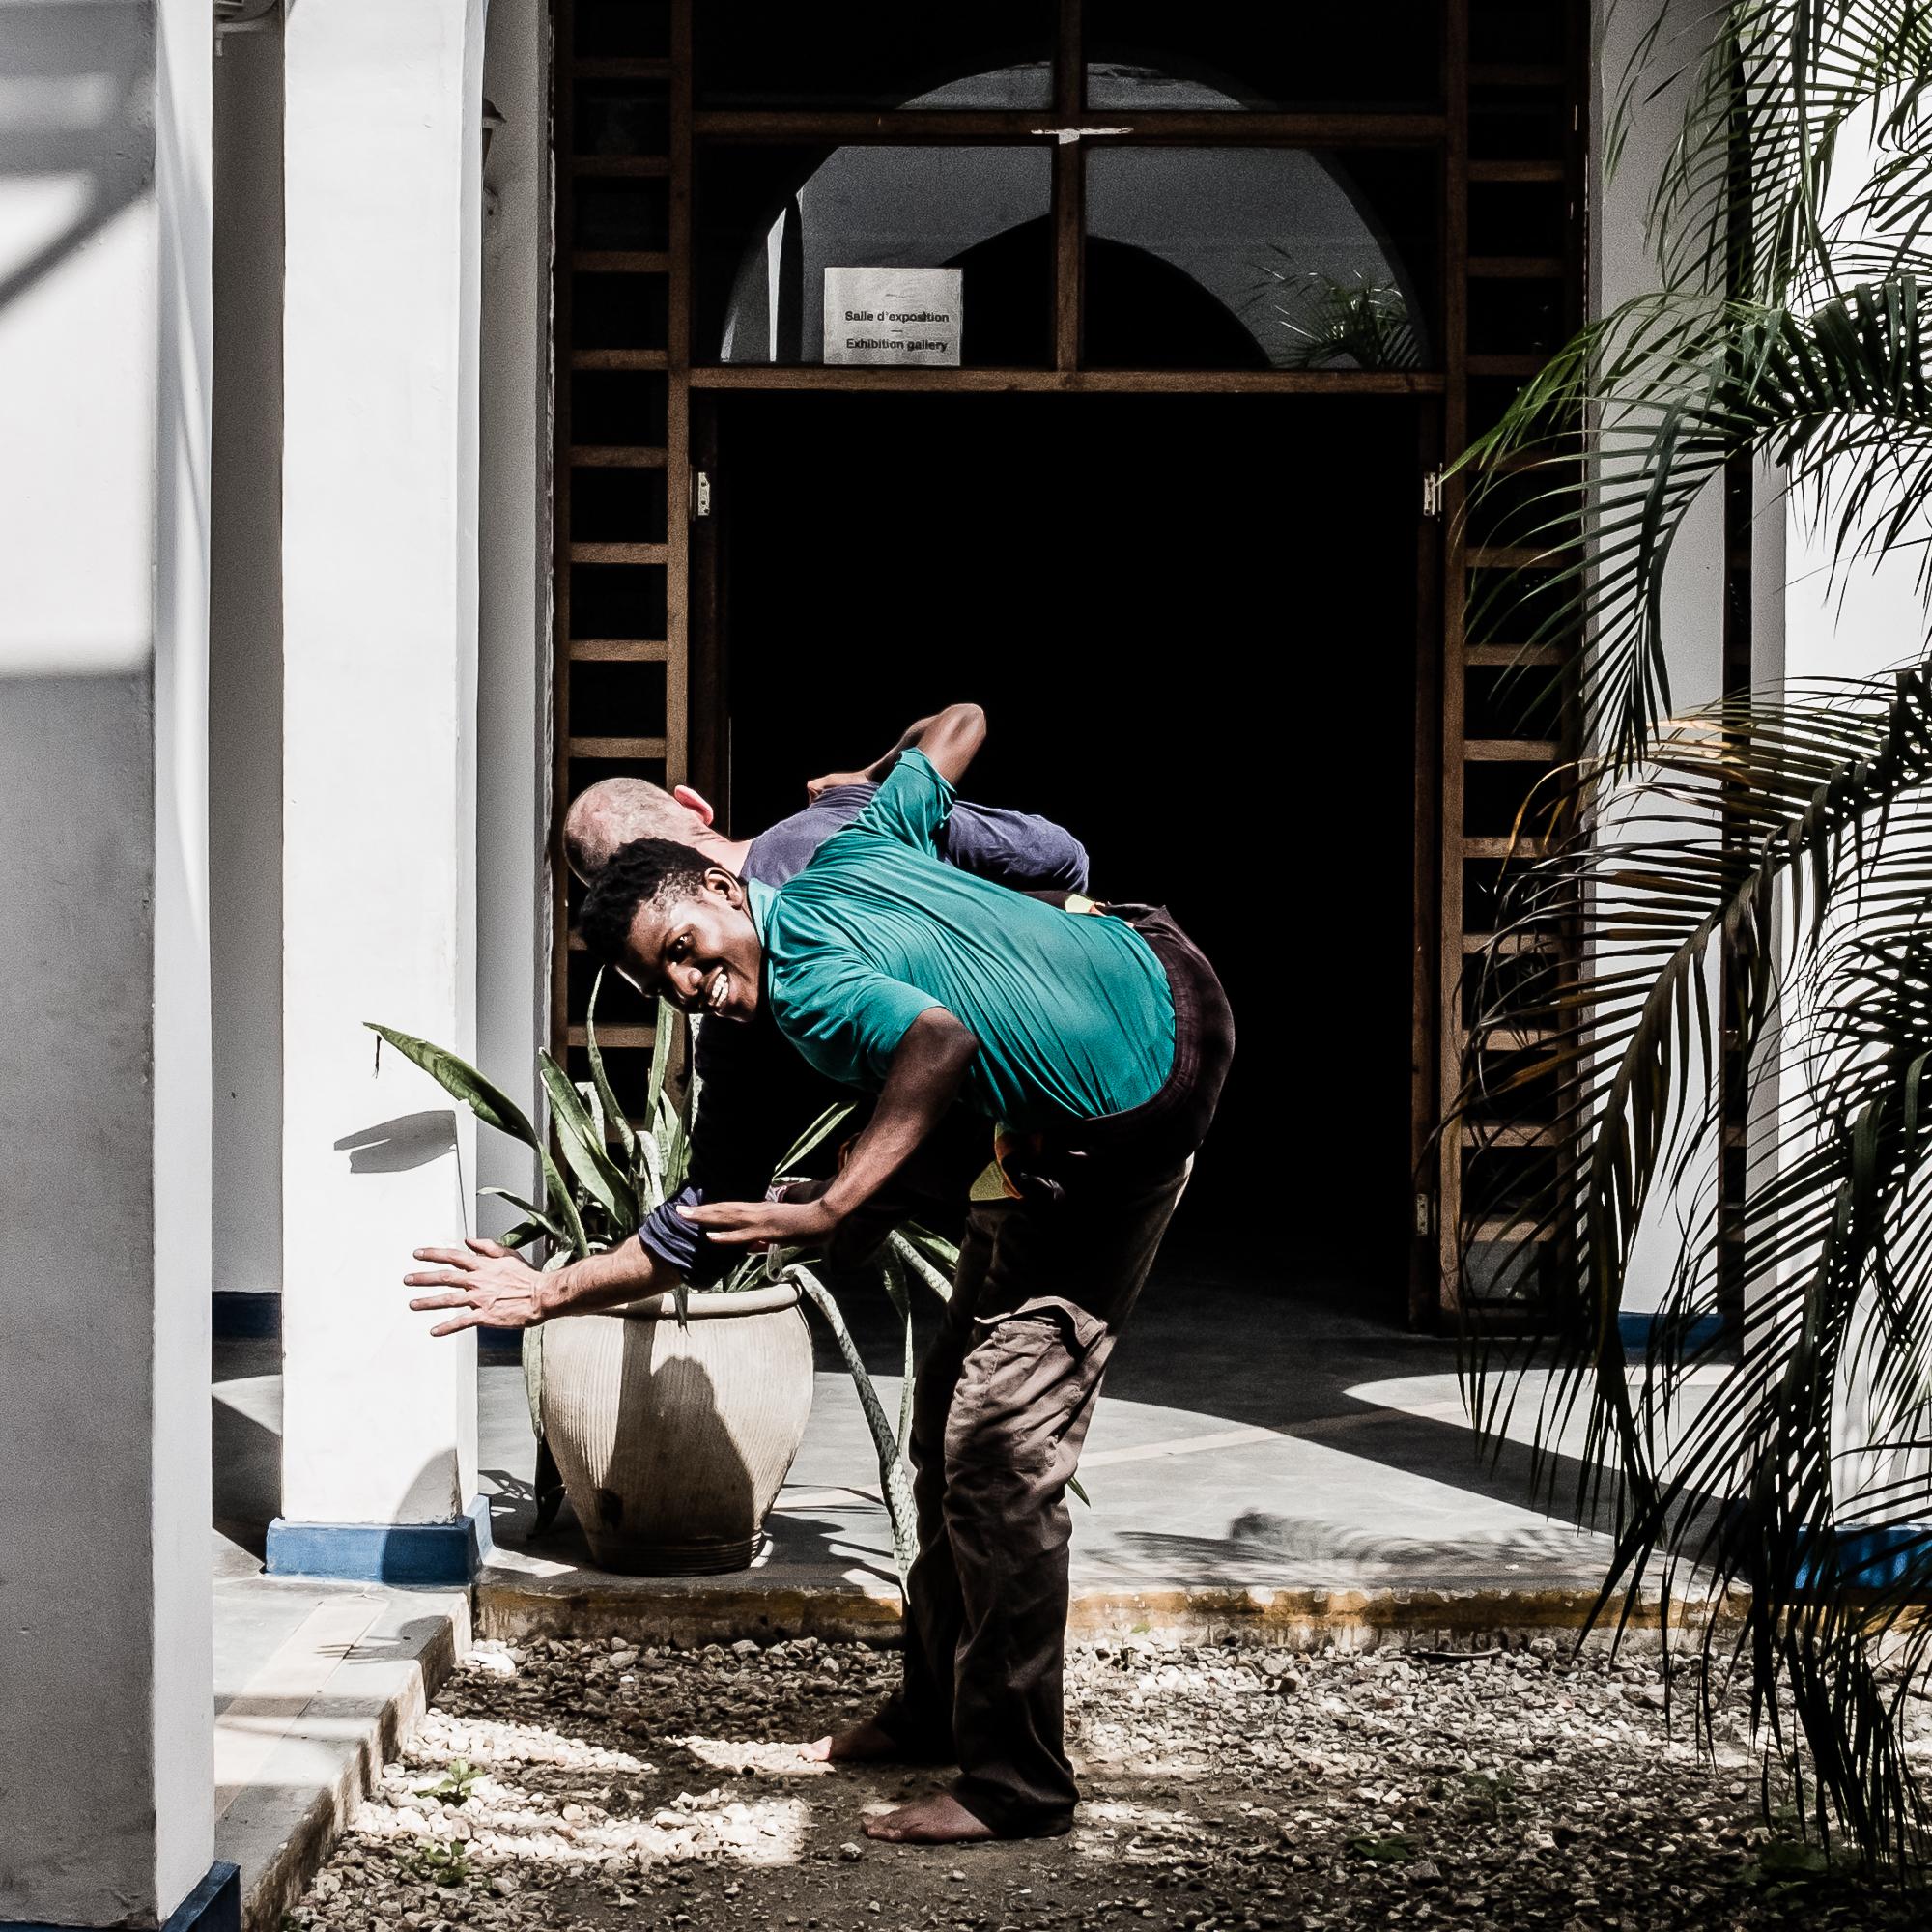 Dar Es Salaam - Kumi na nne